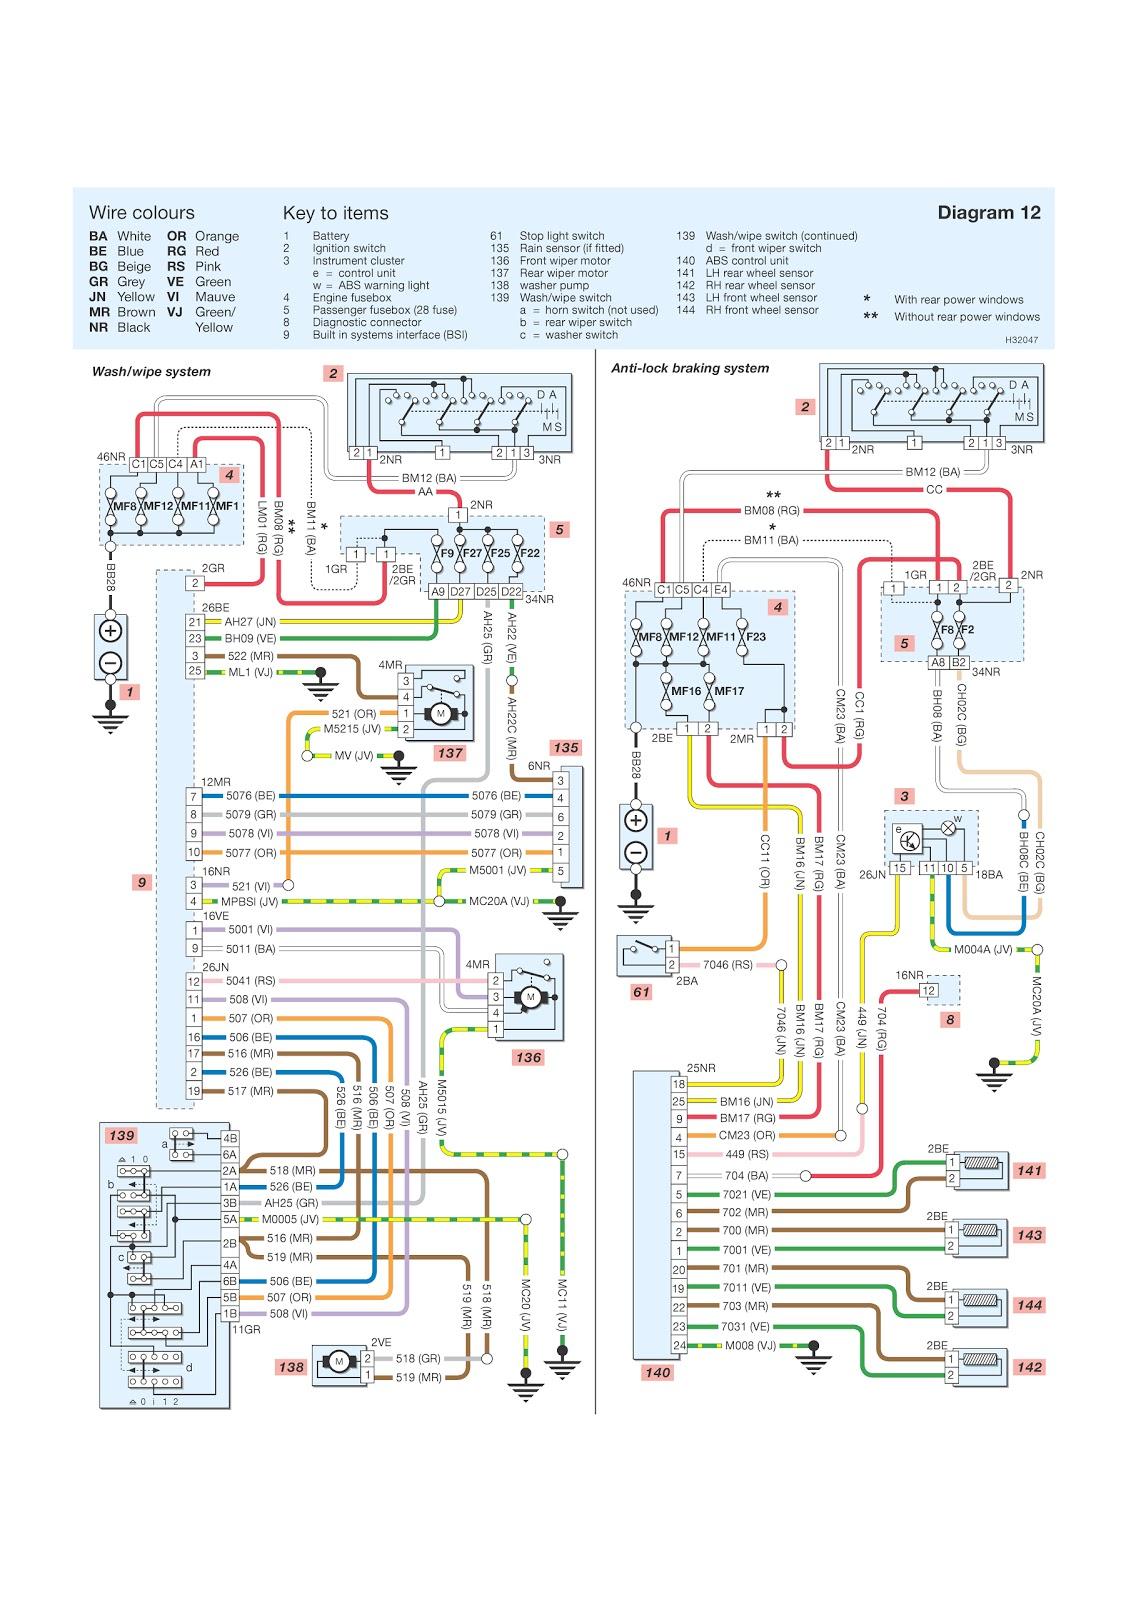 3 wire speed control schematic